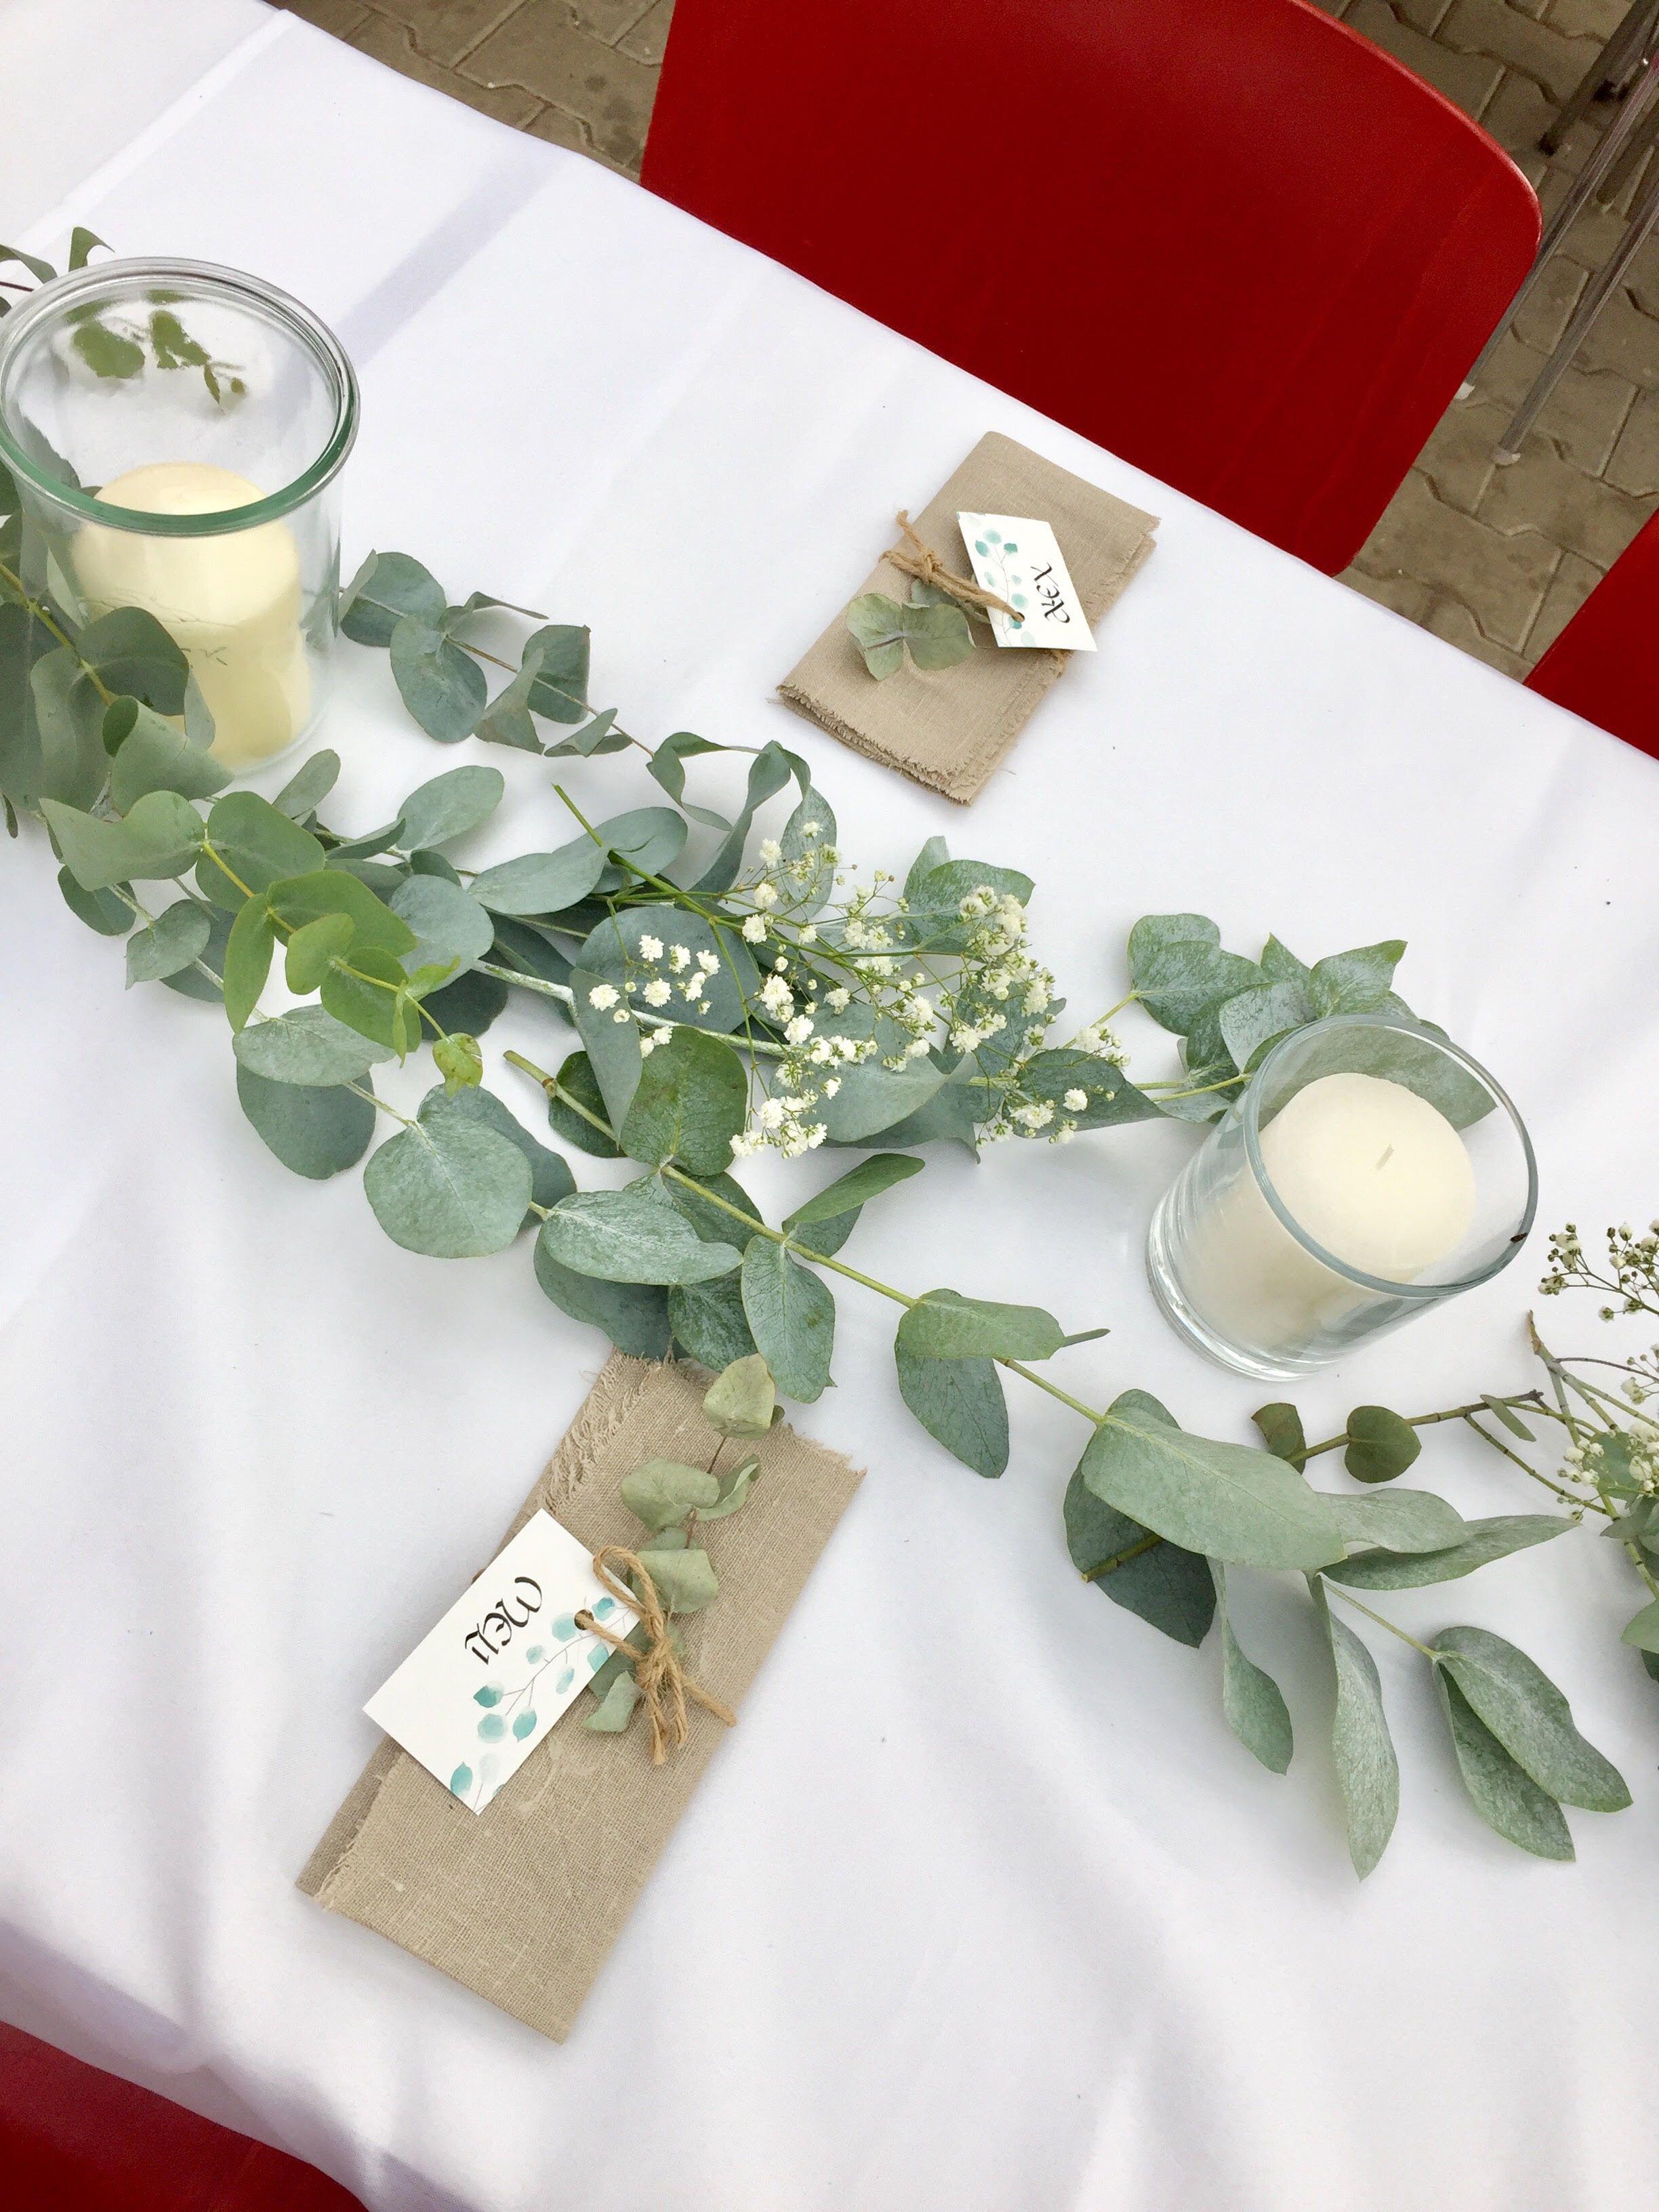 Hochzeit Tischdeko Mit Eukalyptus Gunstig Selber Machen Selber Machen Hochzeit Hochzeit Garten Sommerhochzeit